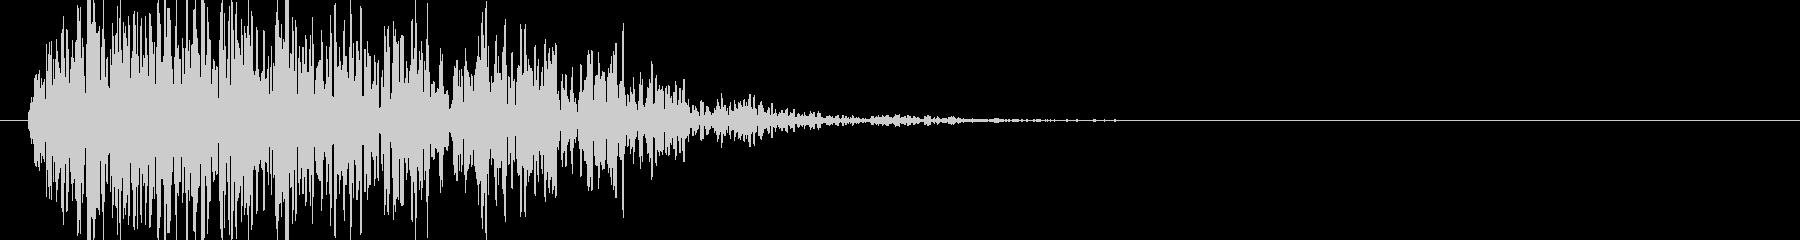 爆発・衝撃波・ソニックブーム8の未再生の波形